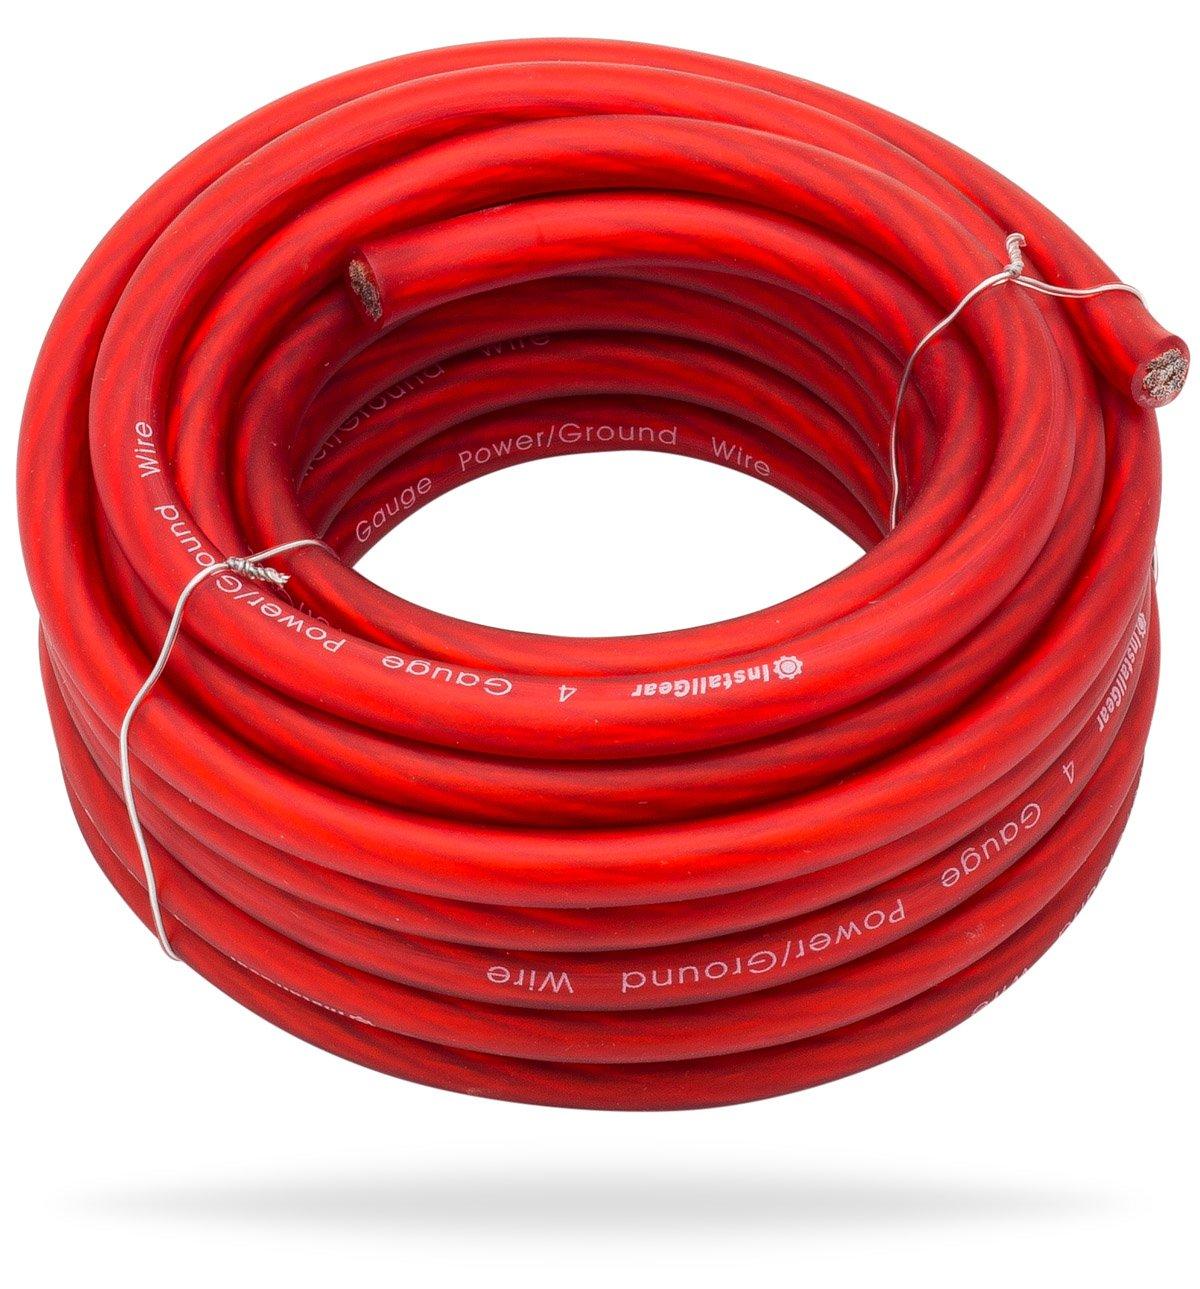 Amazon.com: InstallGear 4 Gauge Red 25ft Power/Ground Wire True Spec ...